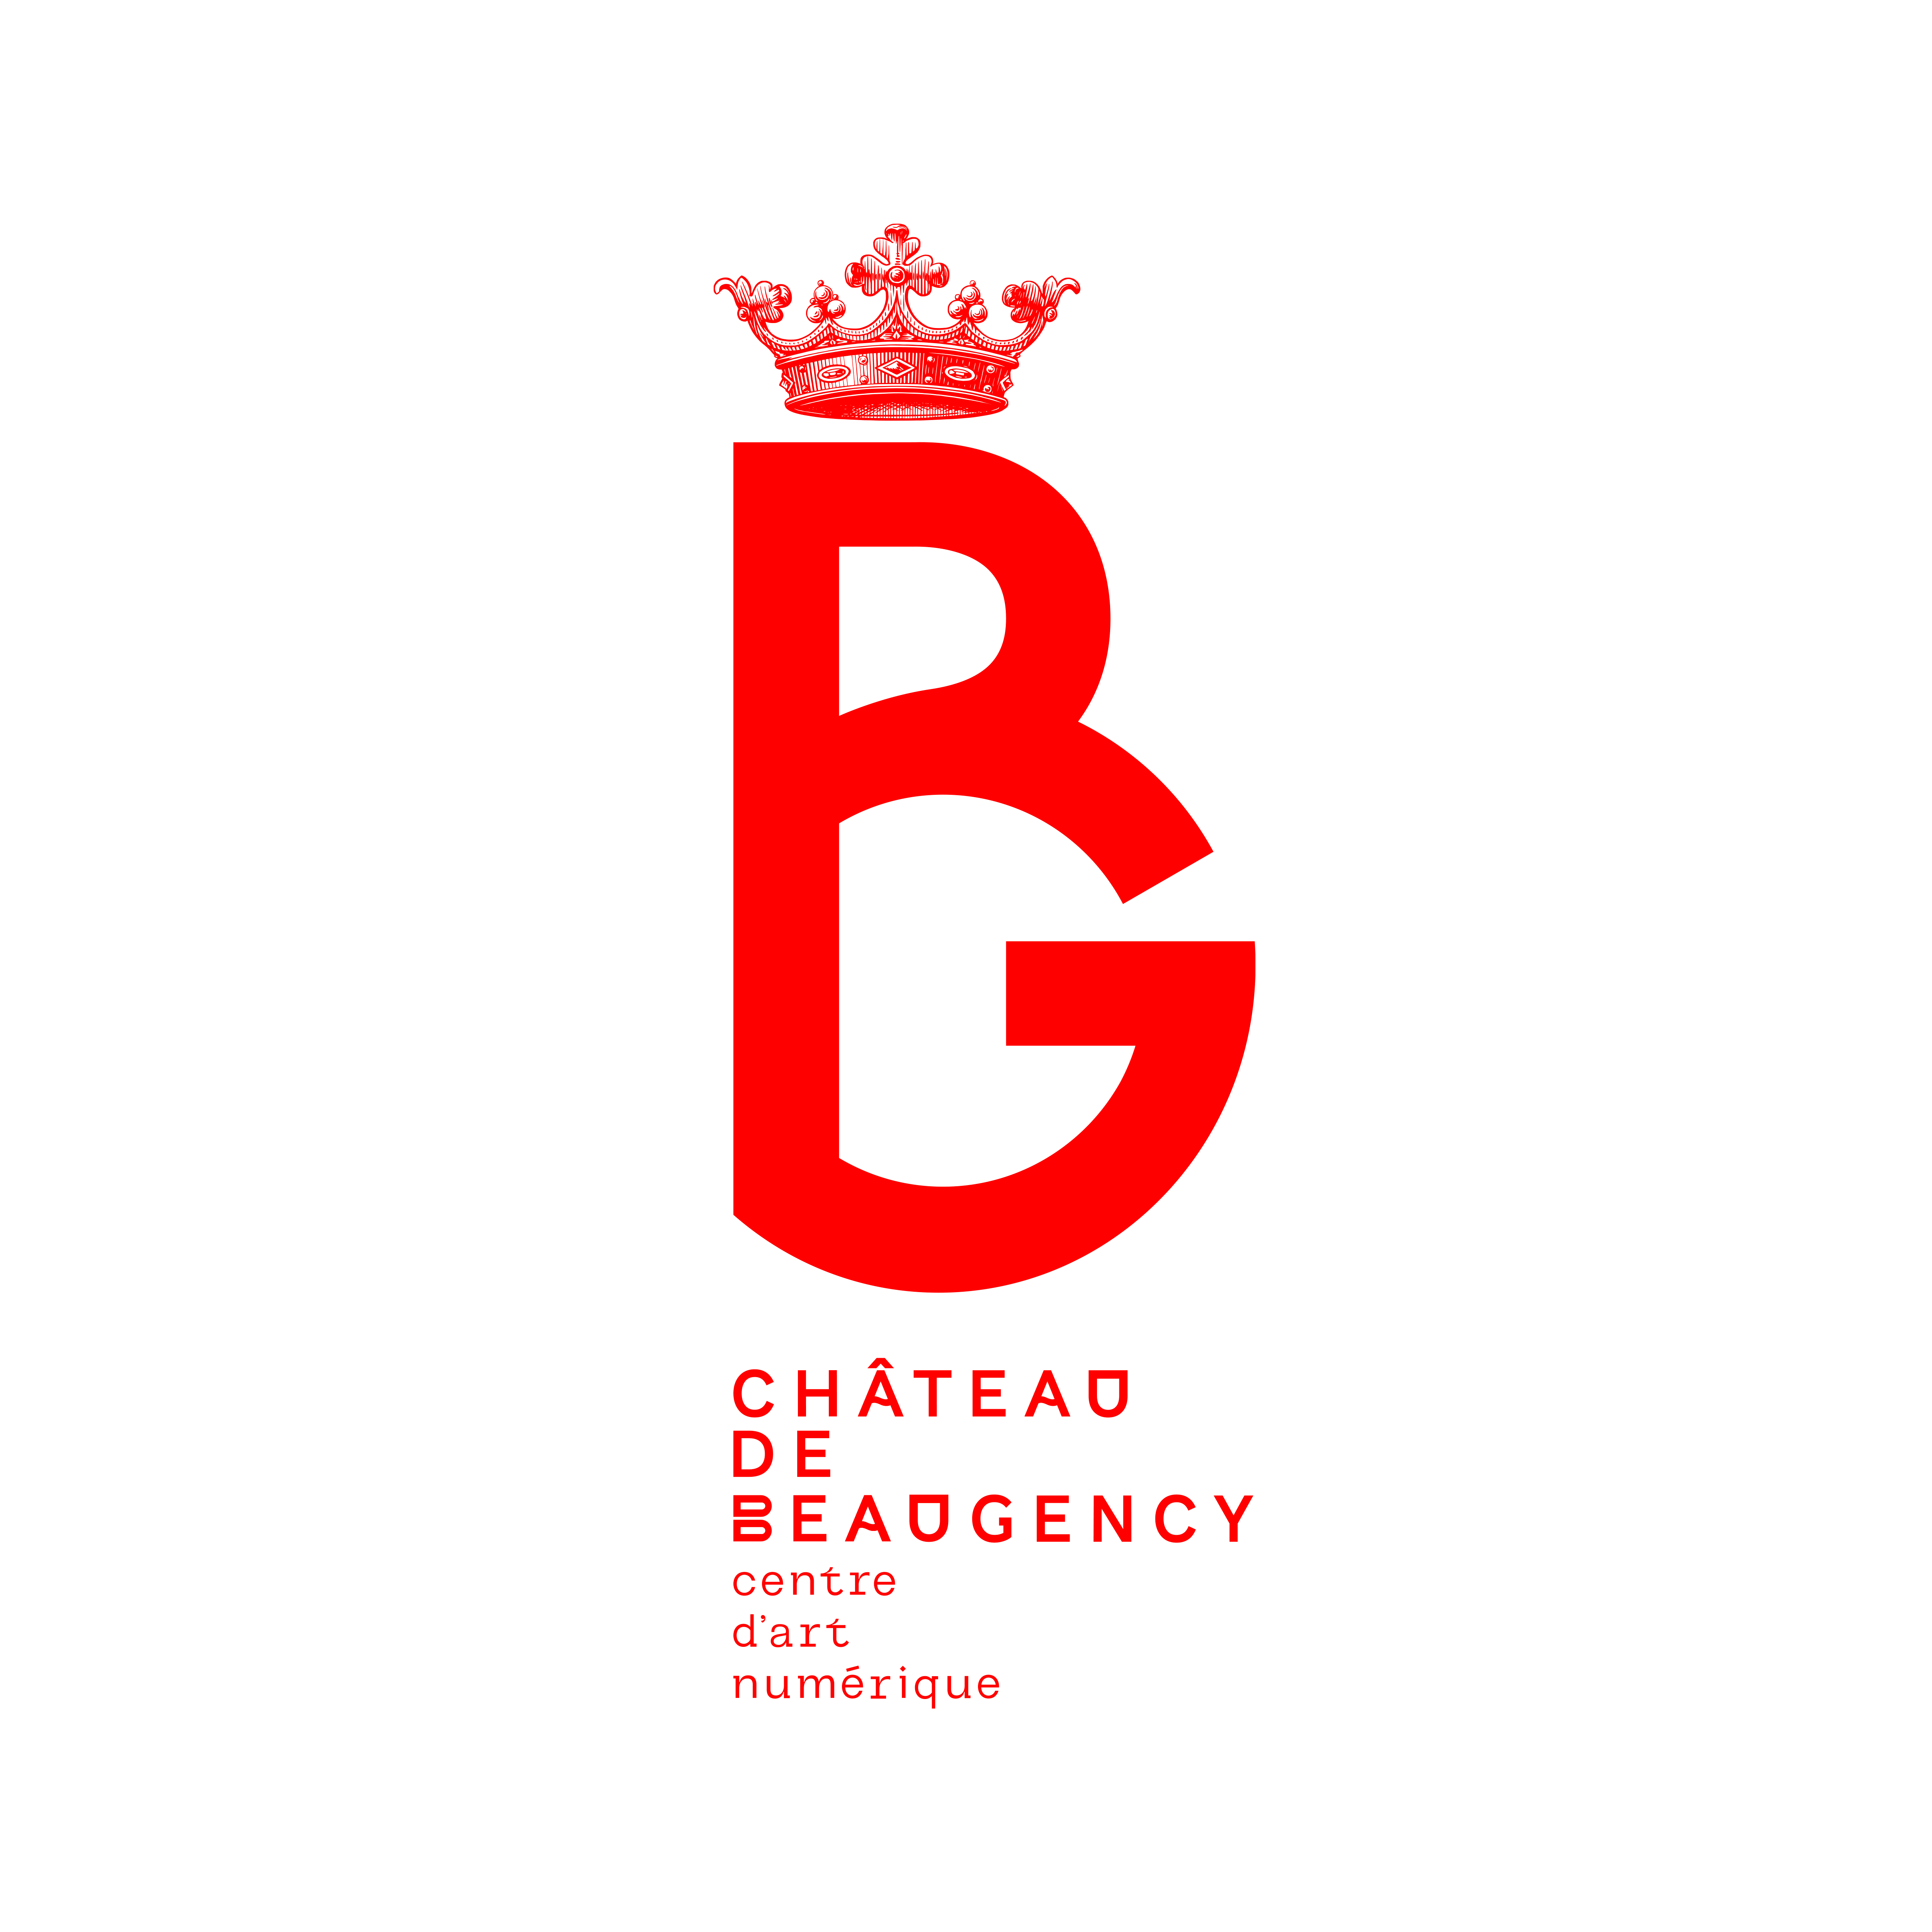 Château de Beaugency Brand Identity Designed by Buckwild